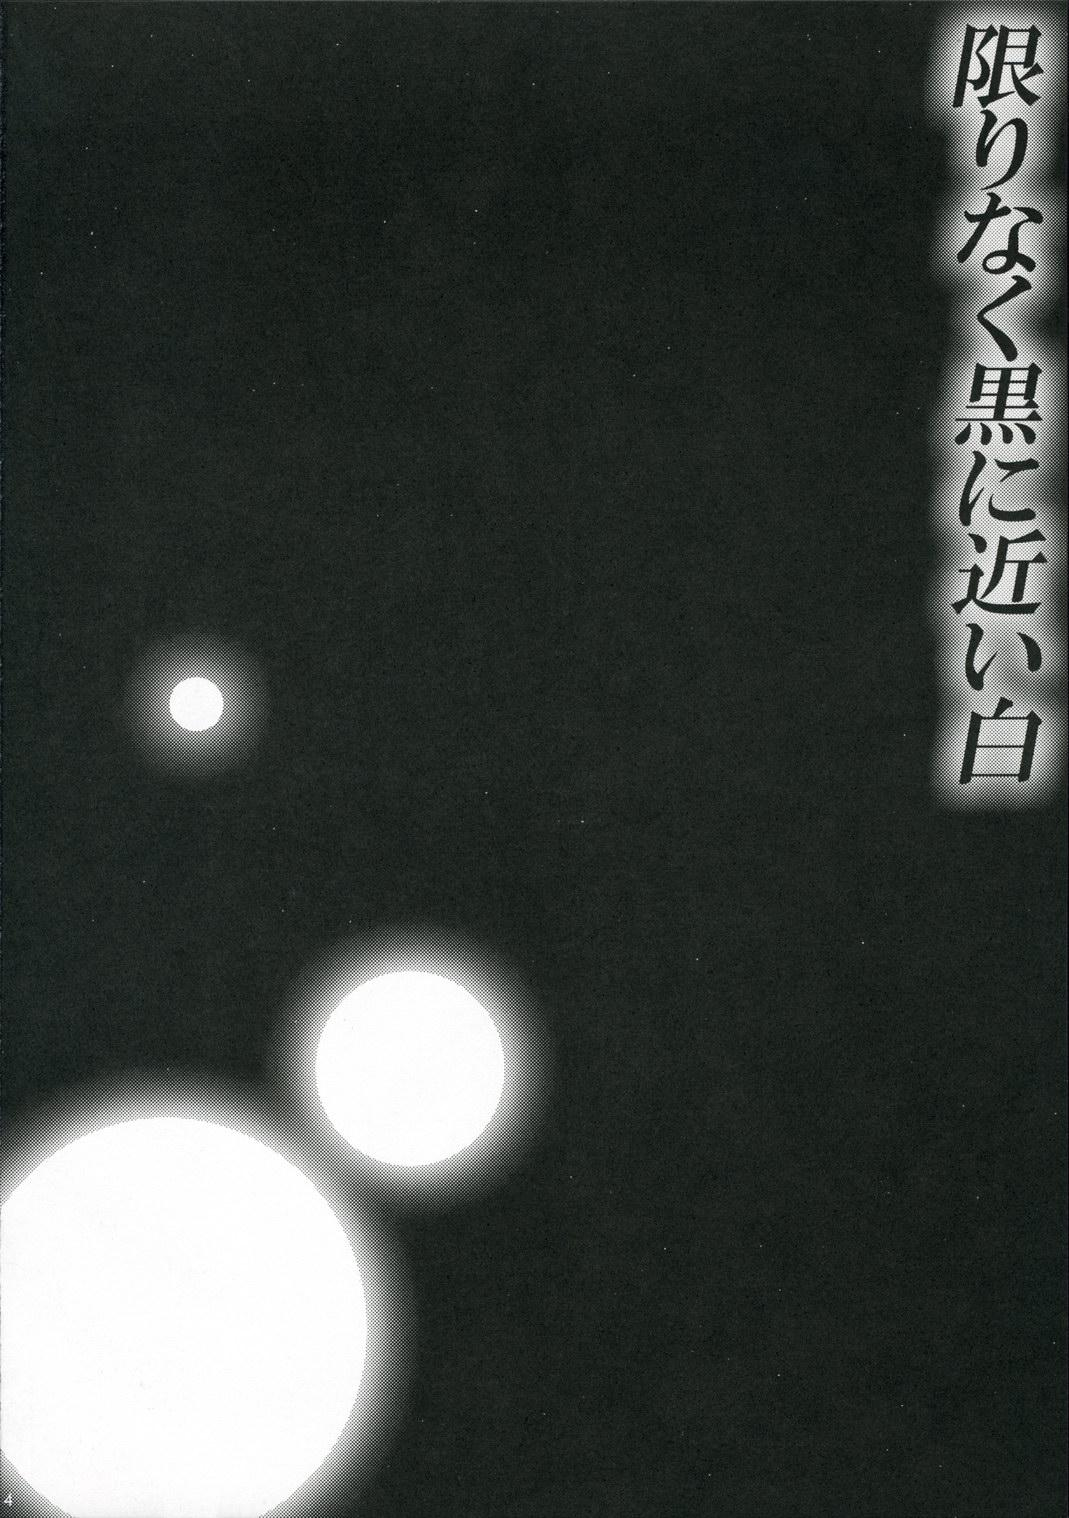 Kagiri Naku Kuro ni Chikai Shiro 3